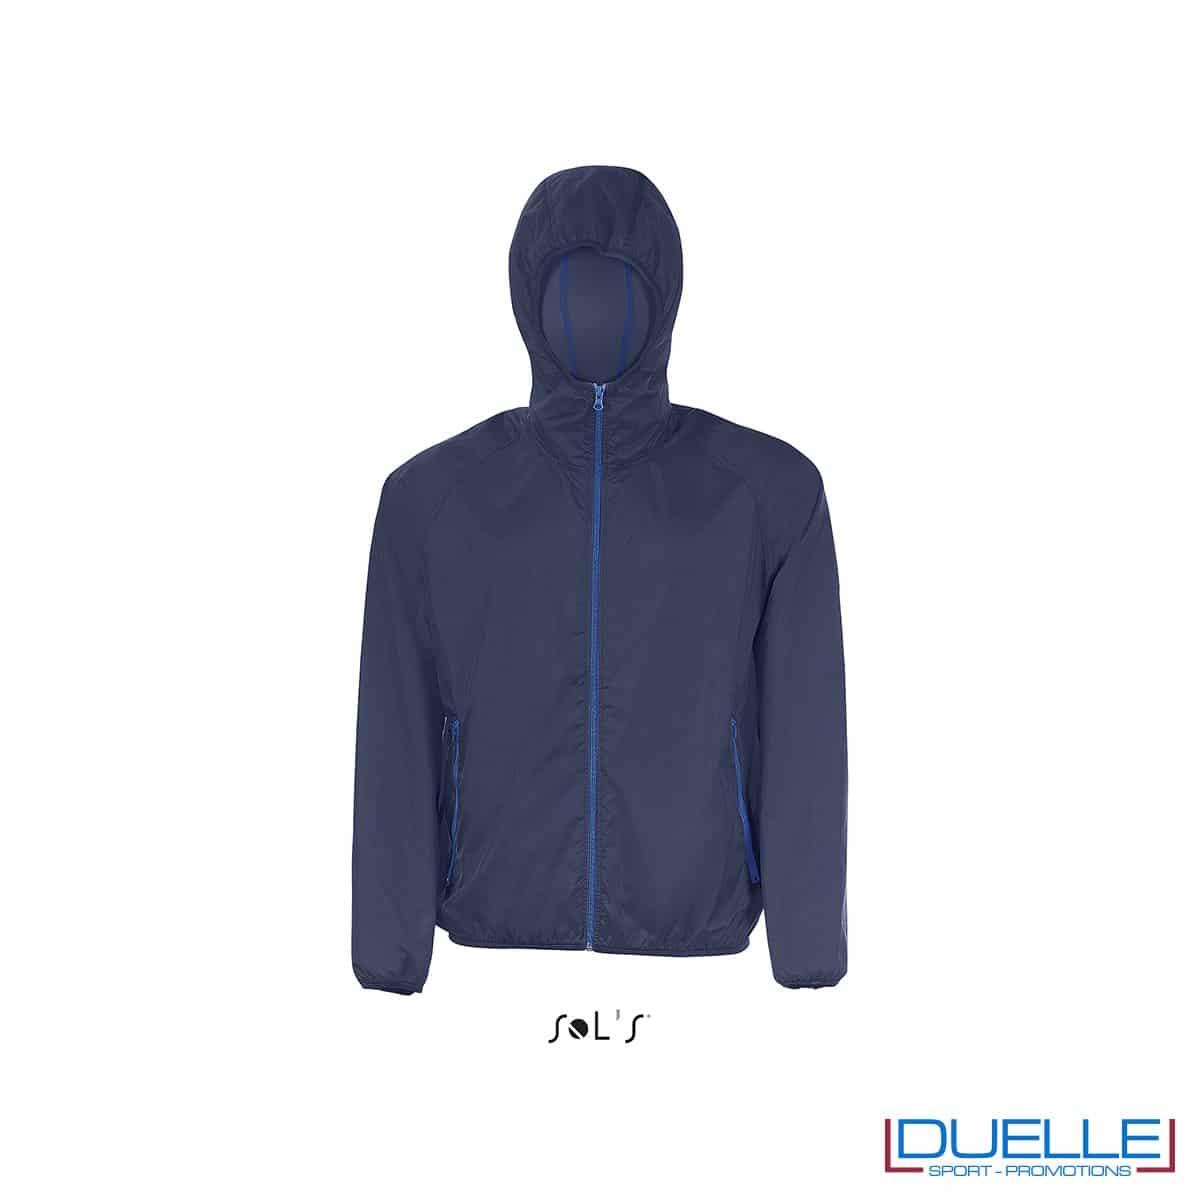 giacca antivento personalizzata in colore blu navy, kappa way personalizzato blu navy, k-way personalizzato blu navy, abbigliamento promozionale personalizzato